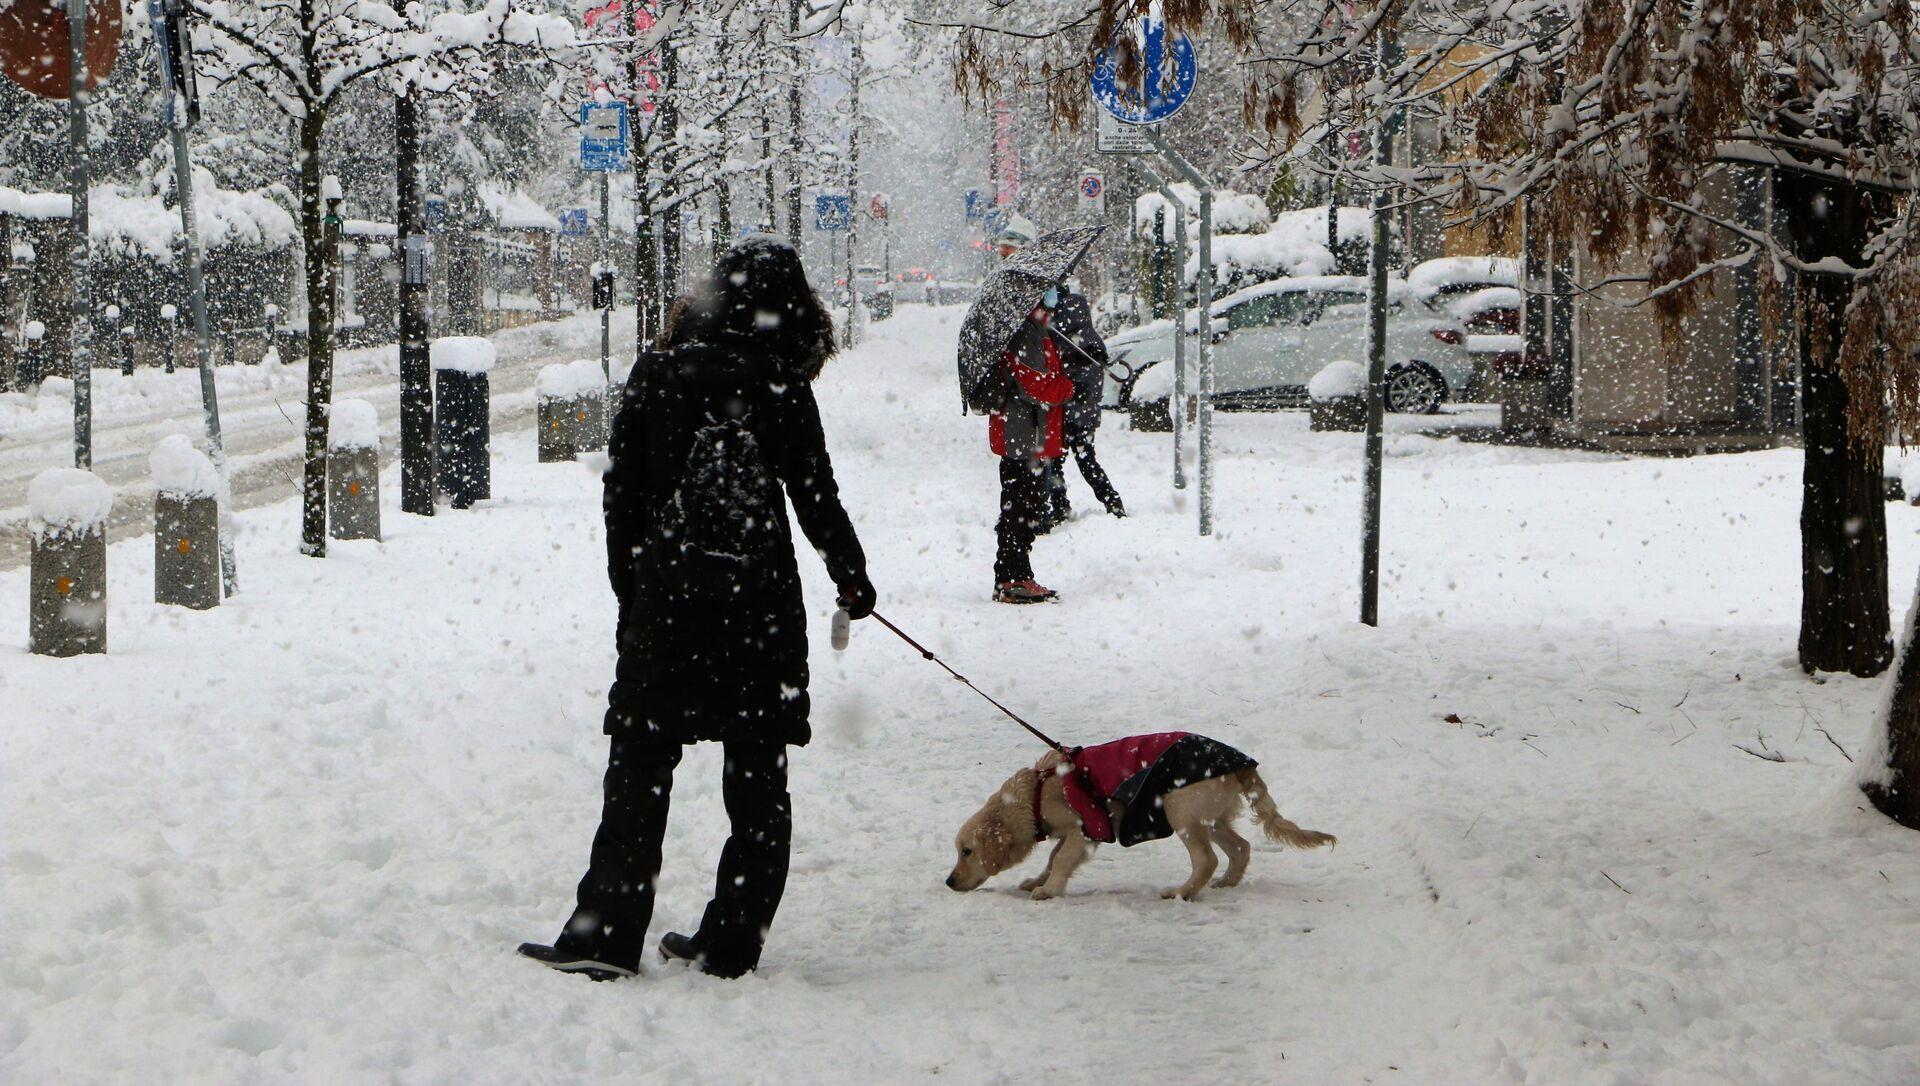 Un cane a Milano sotto la neve - Sputnik Italia, 1920, 13.02.2021